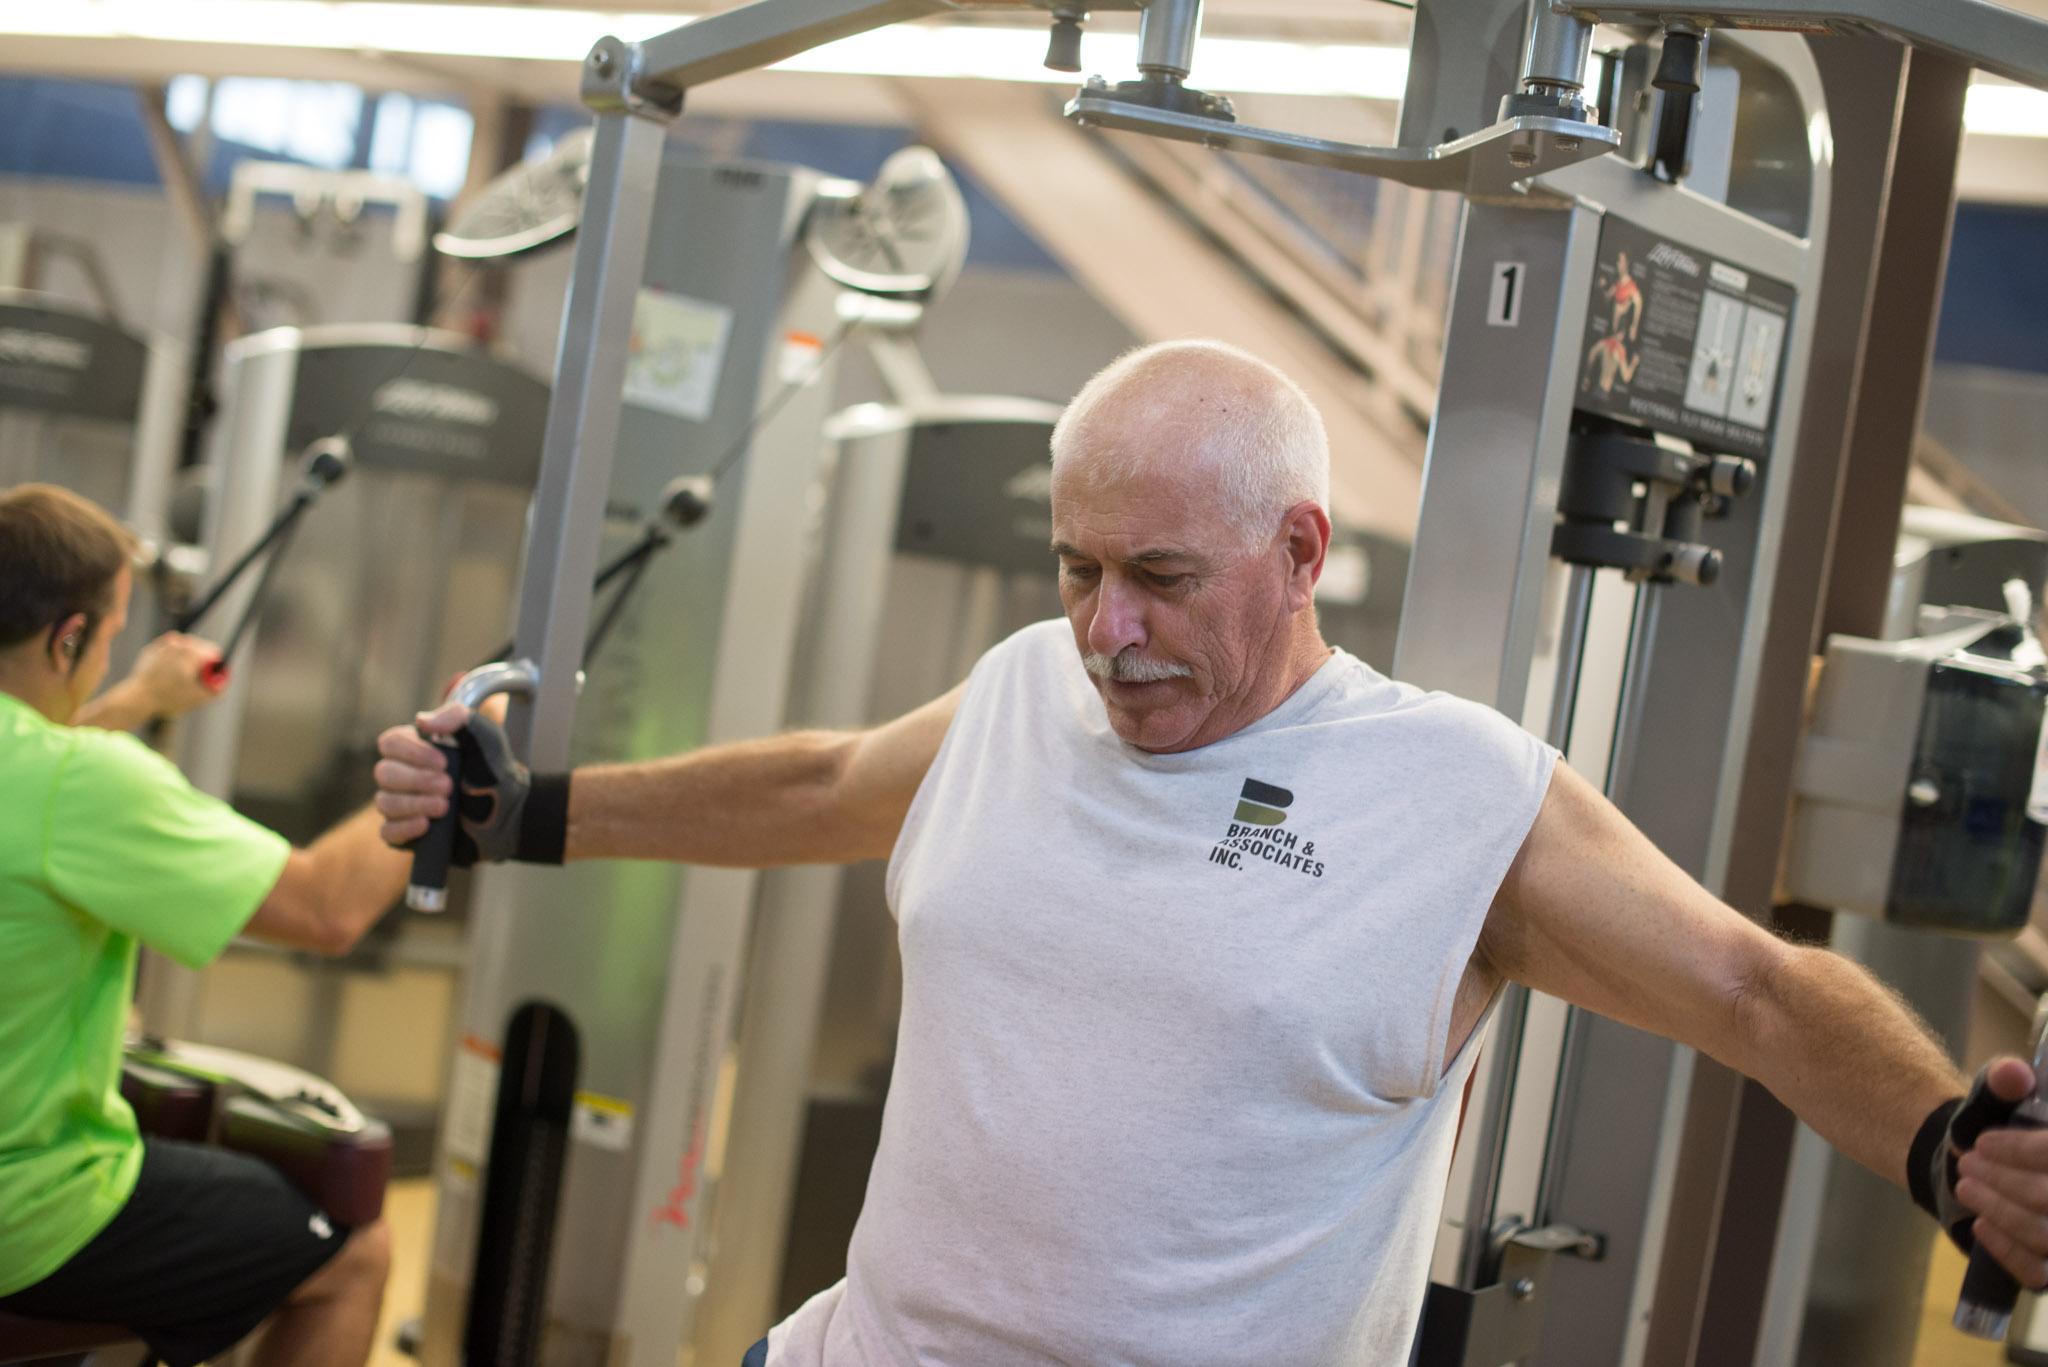 Wellness Center Stock Photos-1246.jpg